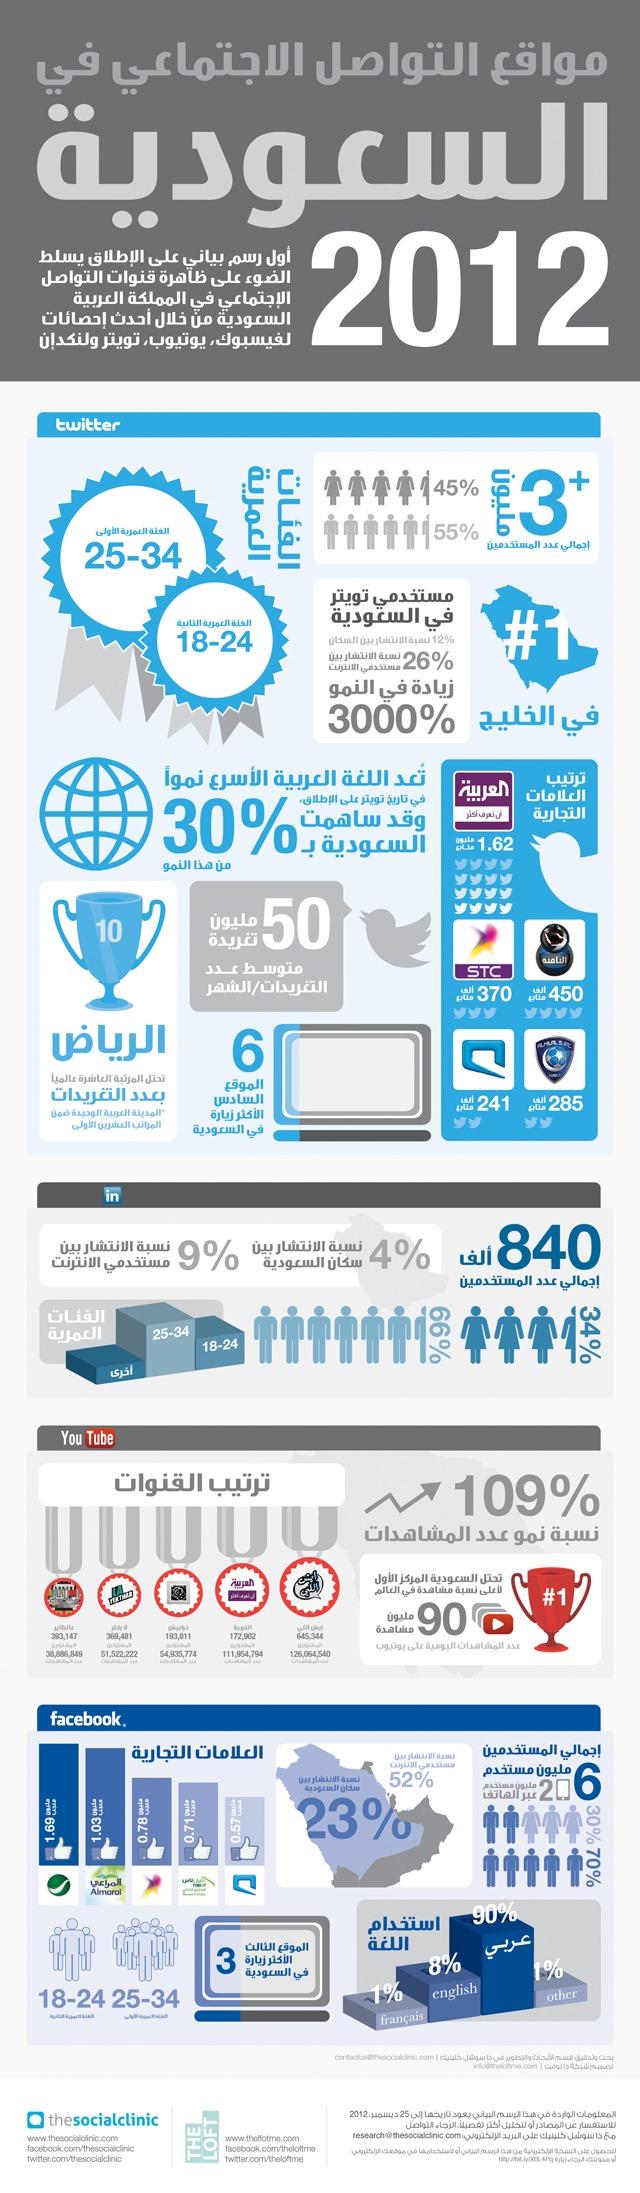 انفوجرافيك الشبكات الاجتماعية السعودية